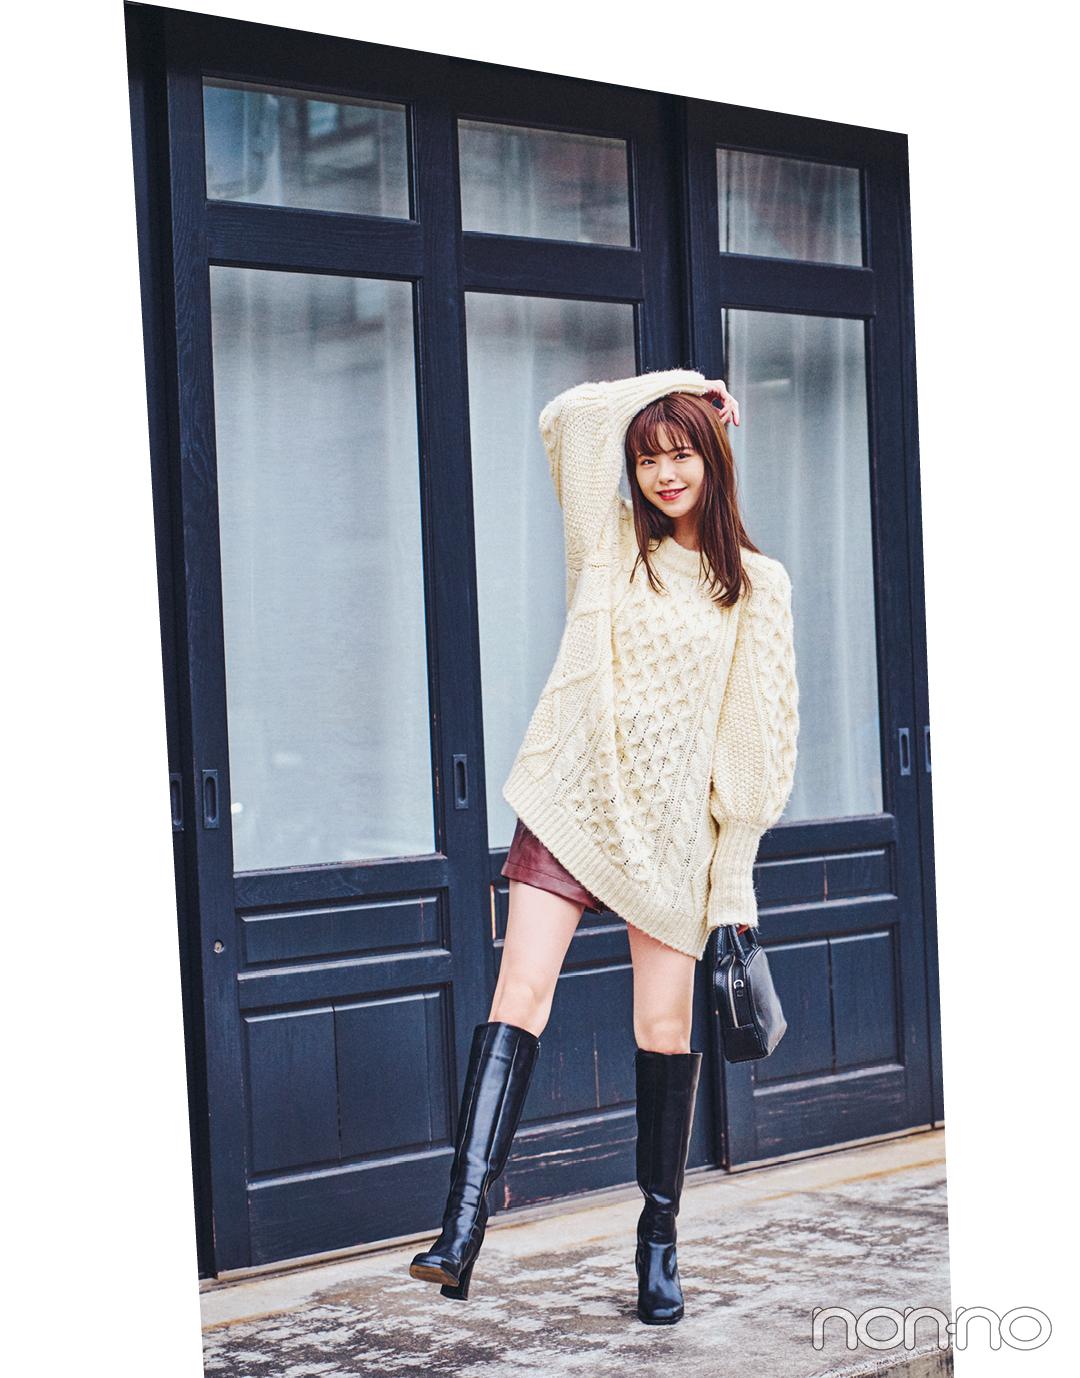 鈴木ゆうかの冬私服♡ カジュアルなのに女っぽが加速するコーデ!_1_5